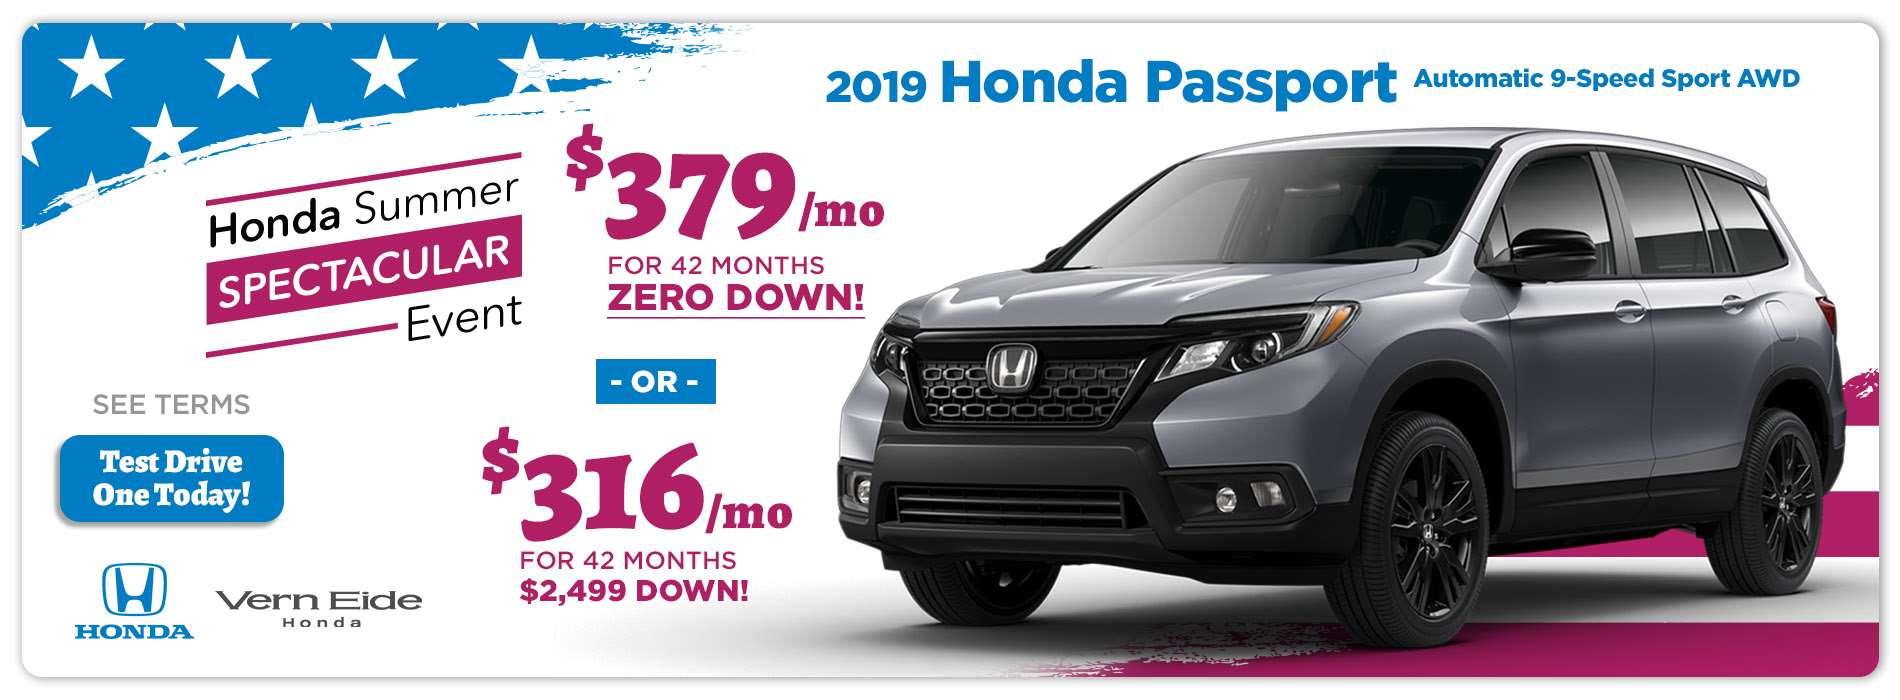 Honda - Passport - July 2019